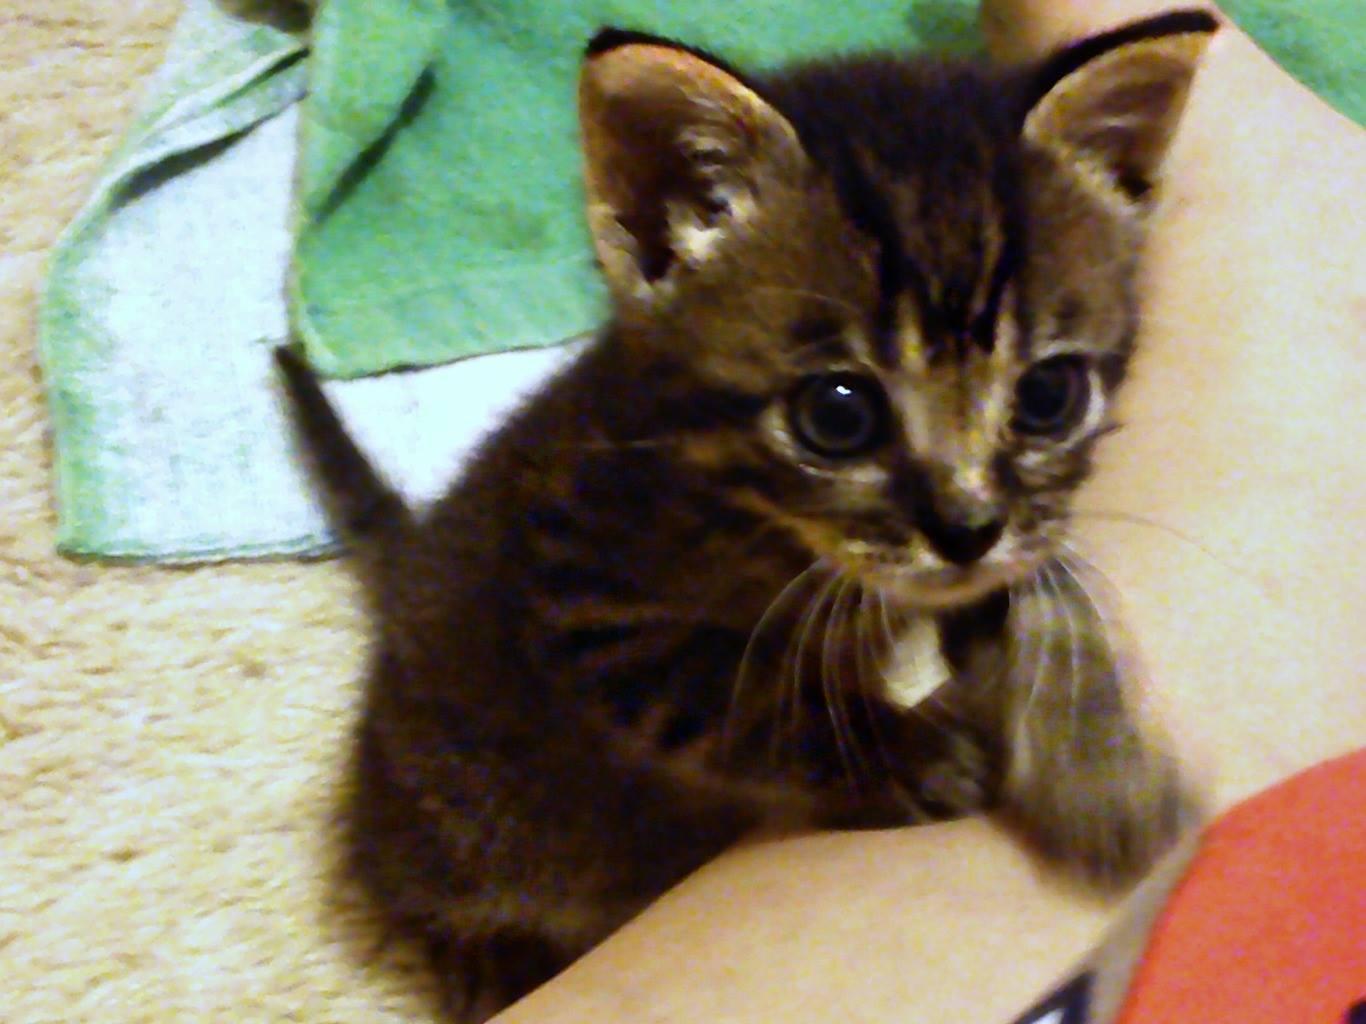 Βοηθεια, γατακι 1 ημερας - Σελίδα 4 Wl7frm